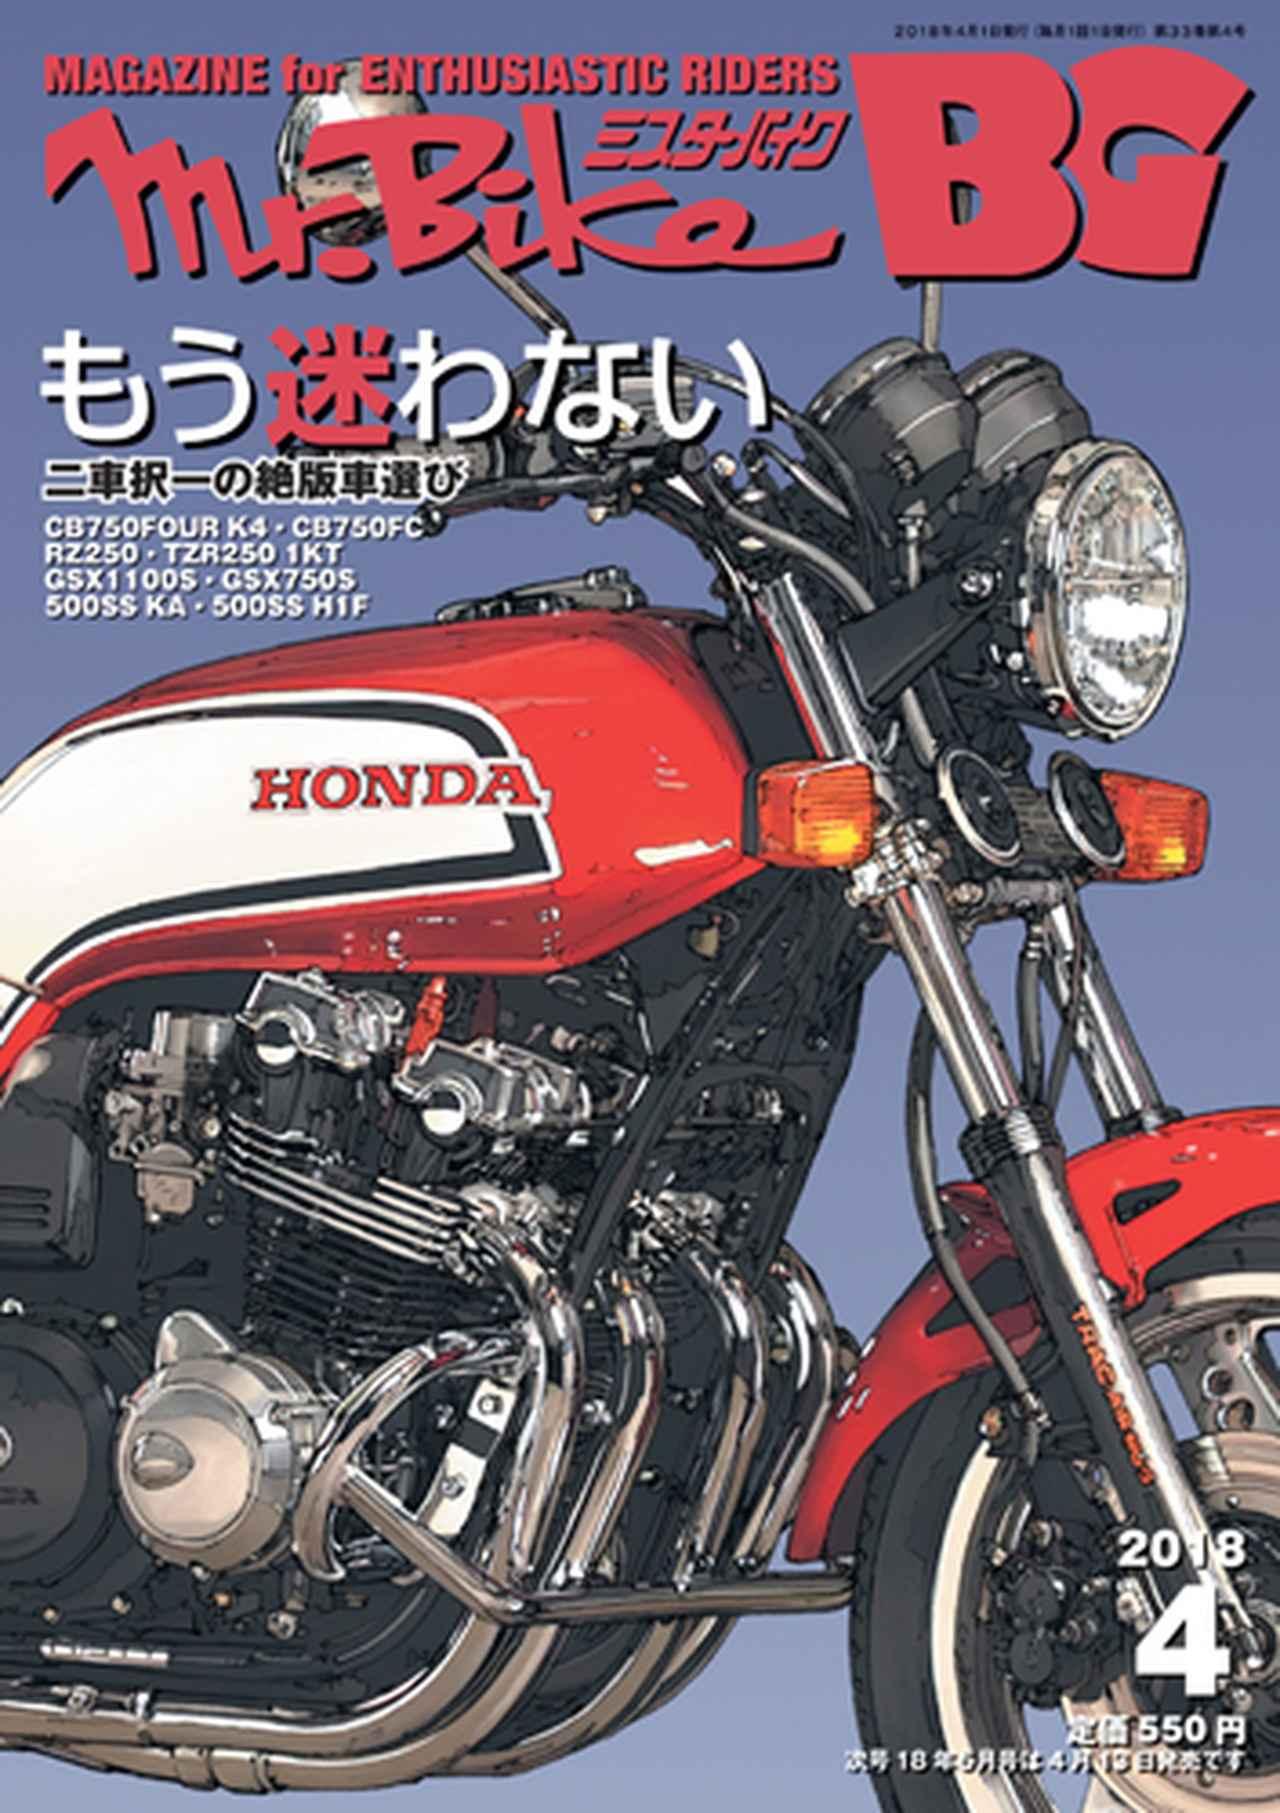 画像: Motor Magazine Ltd. / モーターマガジン社 / Mr.Bike BG  2018年 4月号